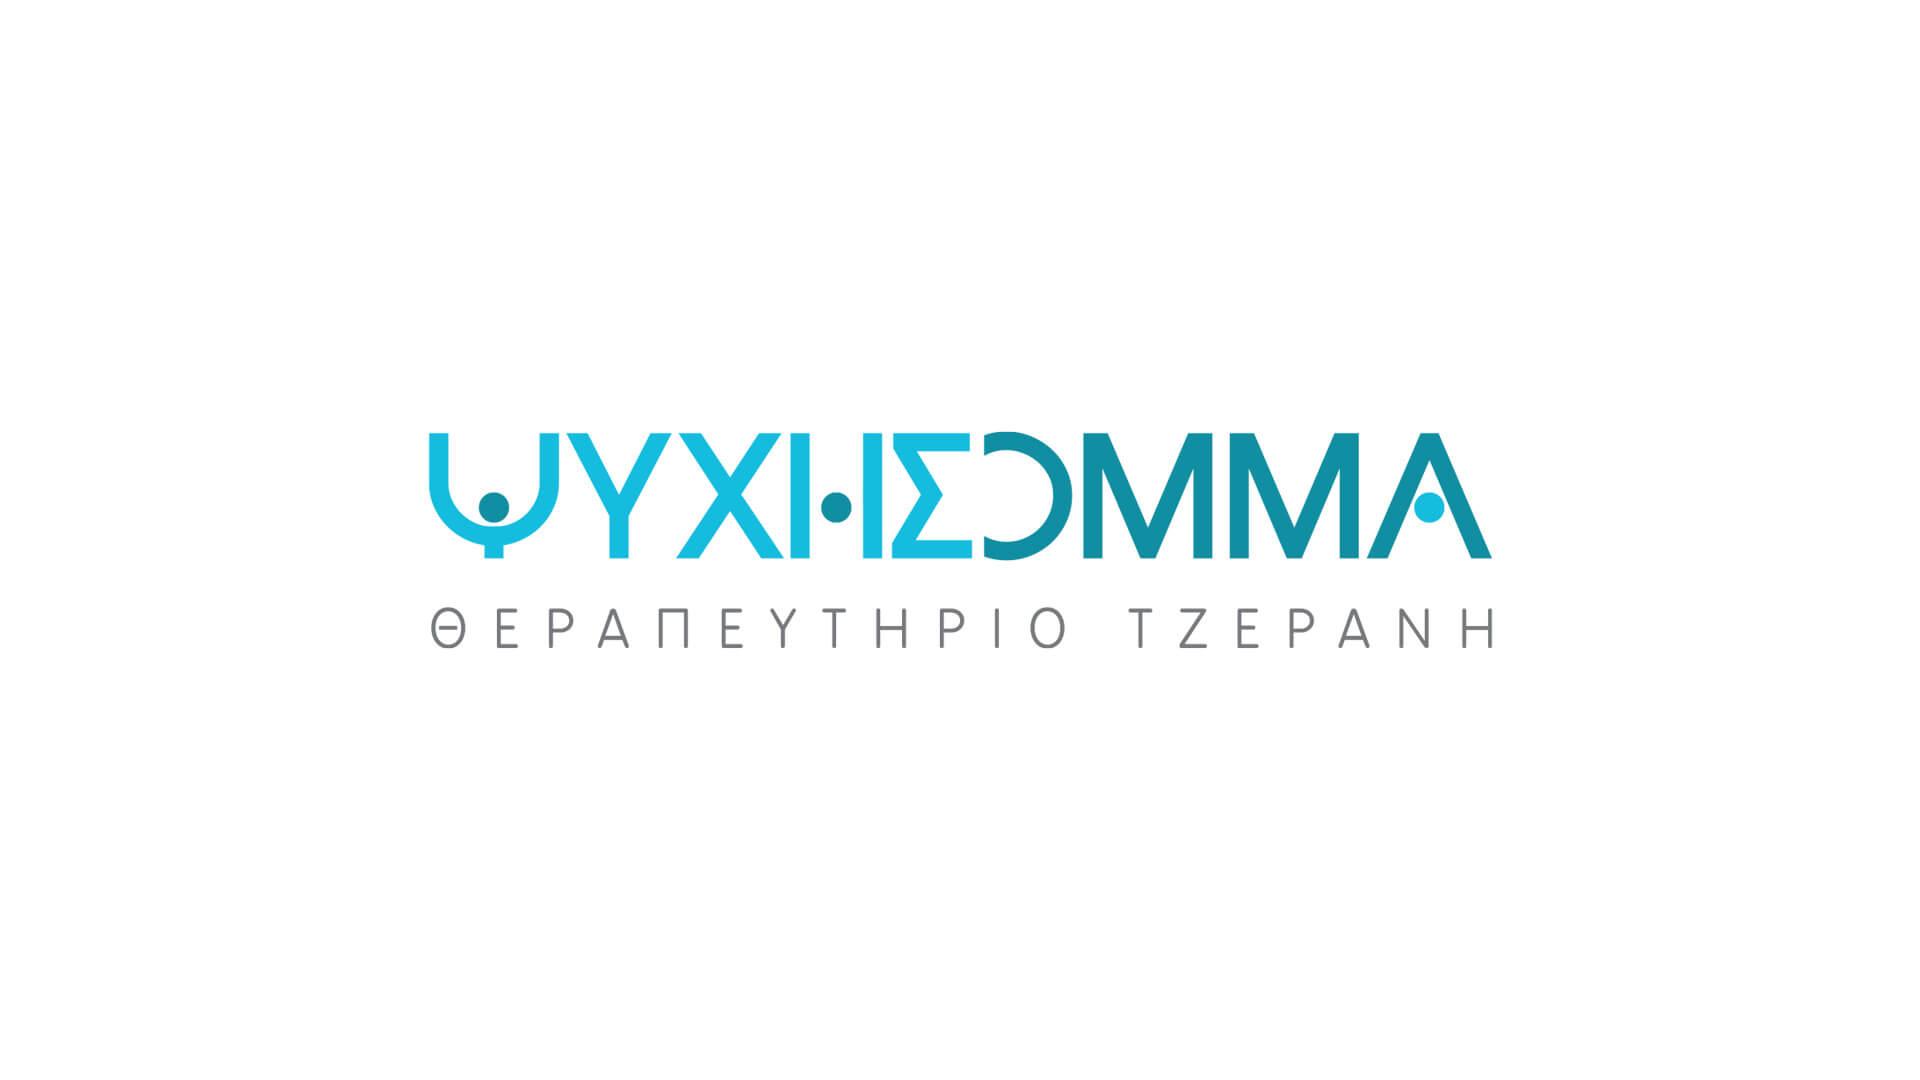 Tzeranis Logo